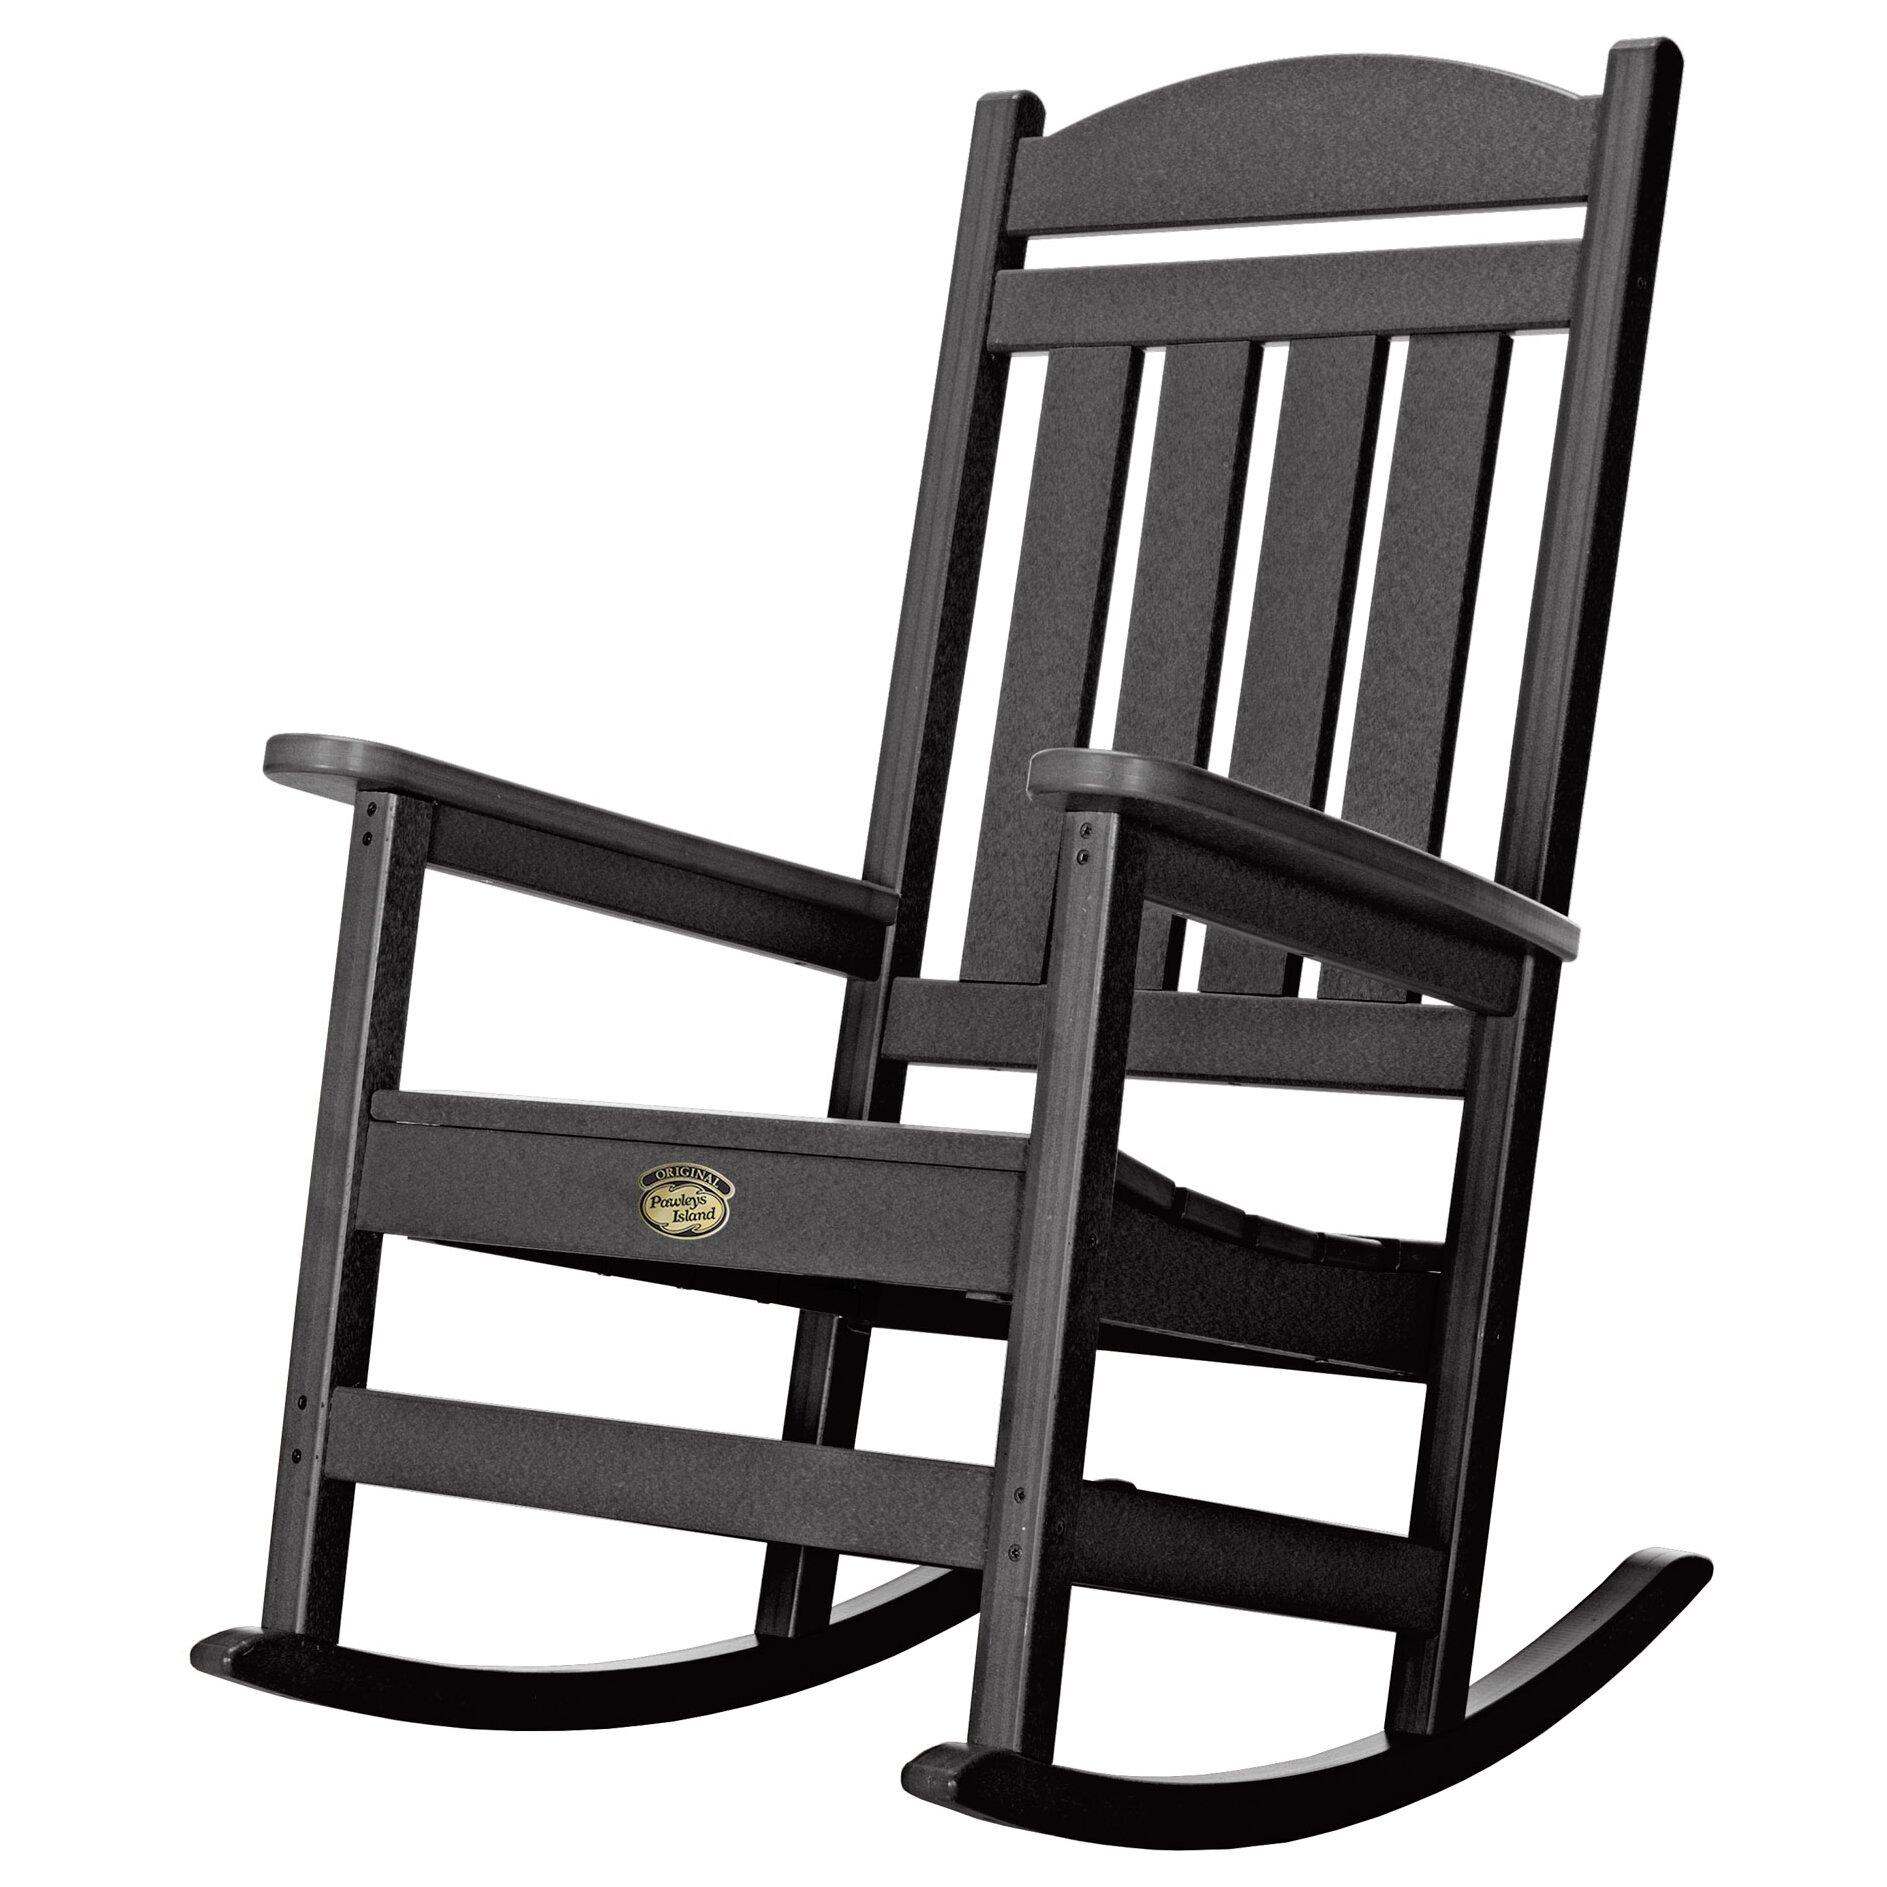 Pawleys Island Pawleys Island Porch Rocking Chair